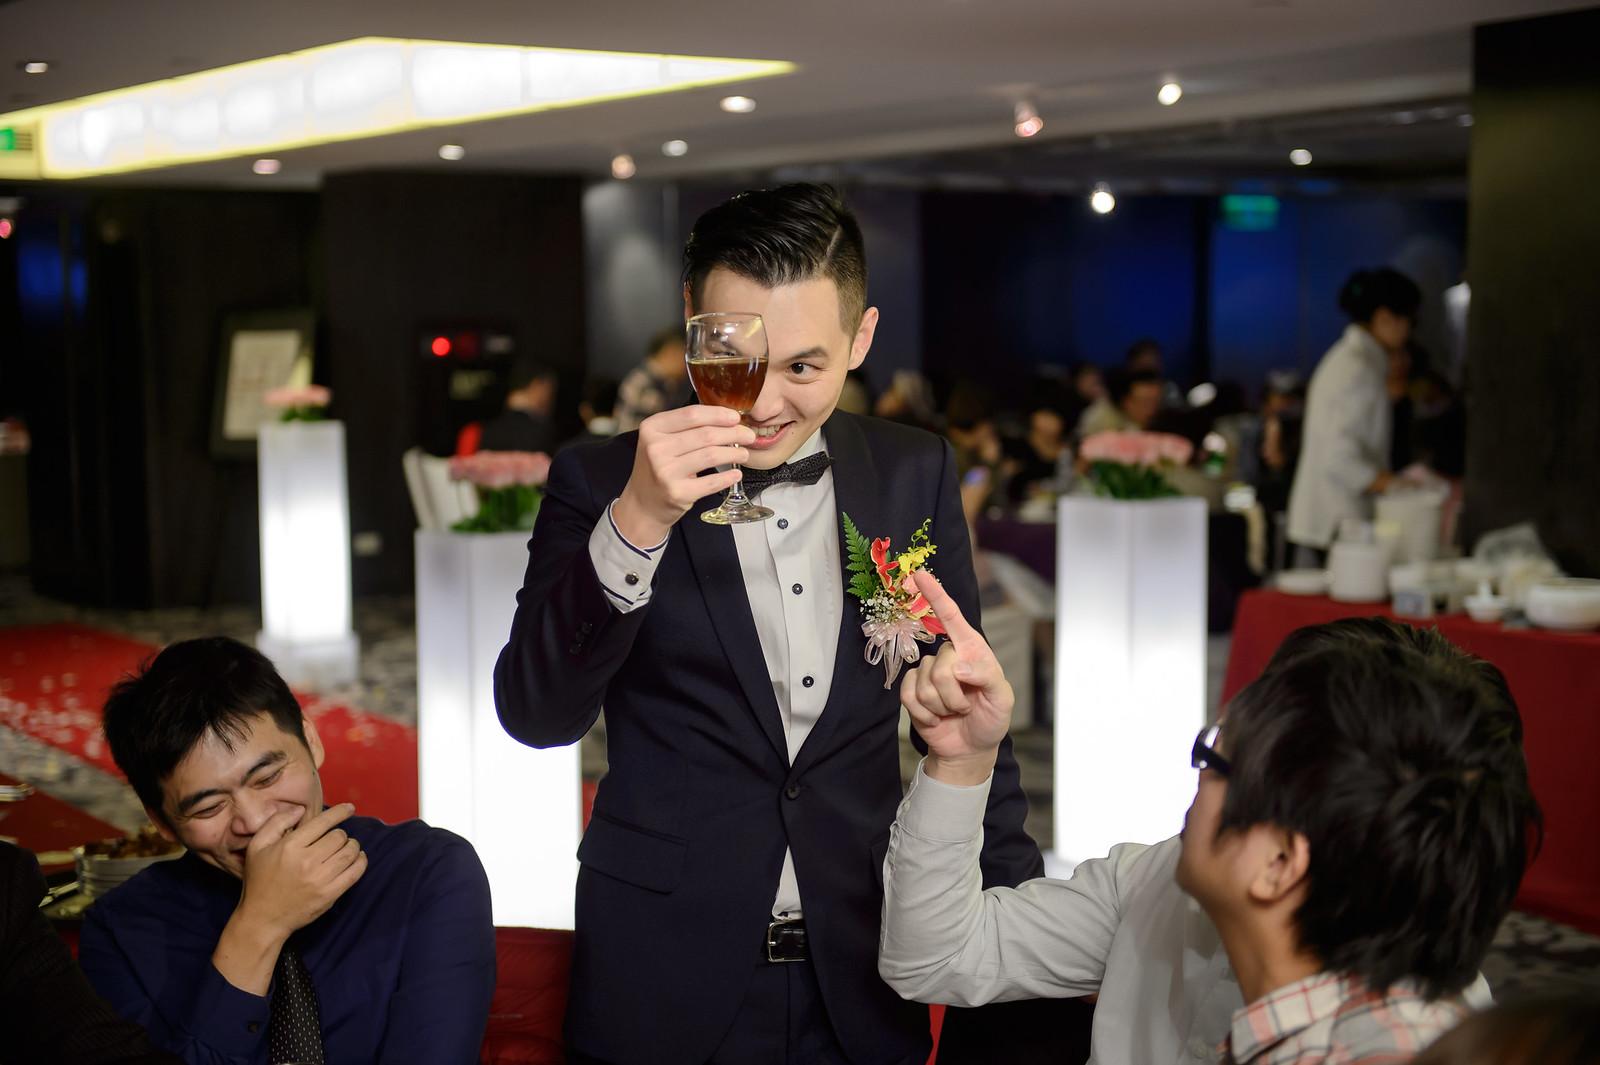 台北婚攝, 婚禮攝影, 婚攝, 婚攝守恆, 婚攝推薦, 晶華酒店, 晶華酒店婚宴, 晶華酒店婚攝-101